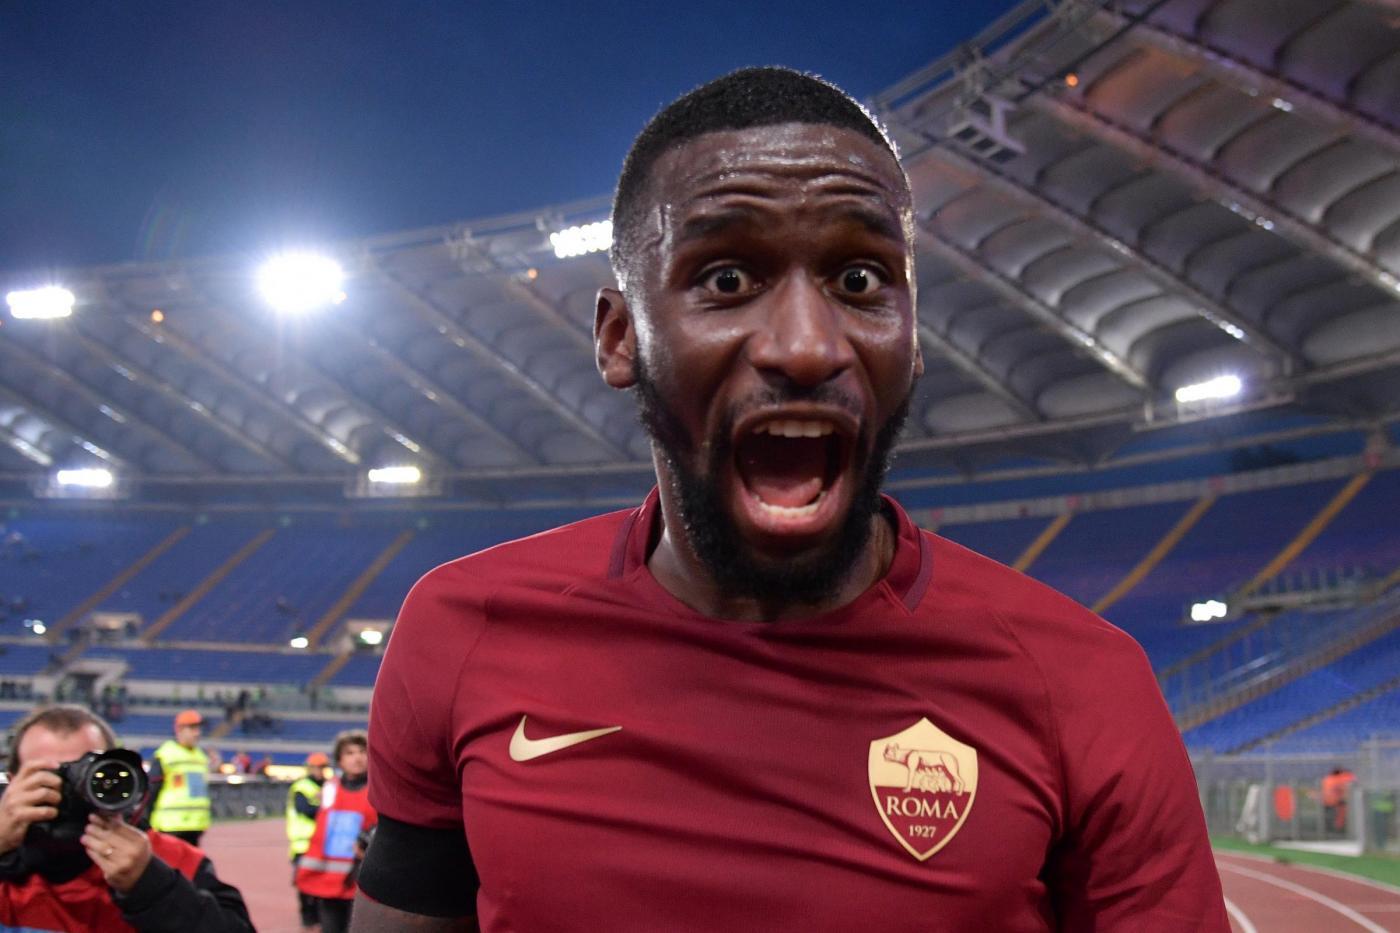 Calciomercato Roma: Rudiger ufficiale al Chelsea, Nastasic e Martial nel mirino